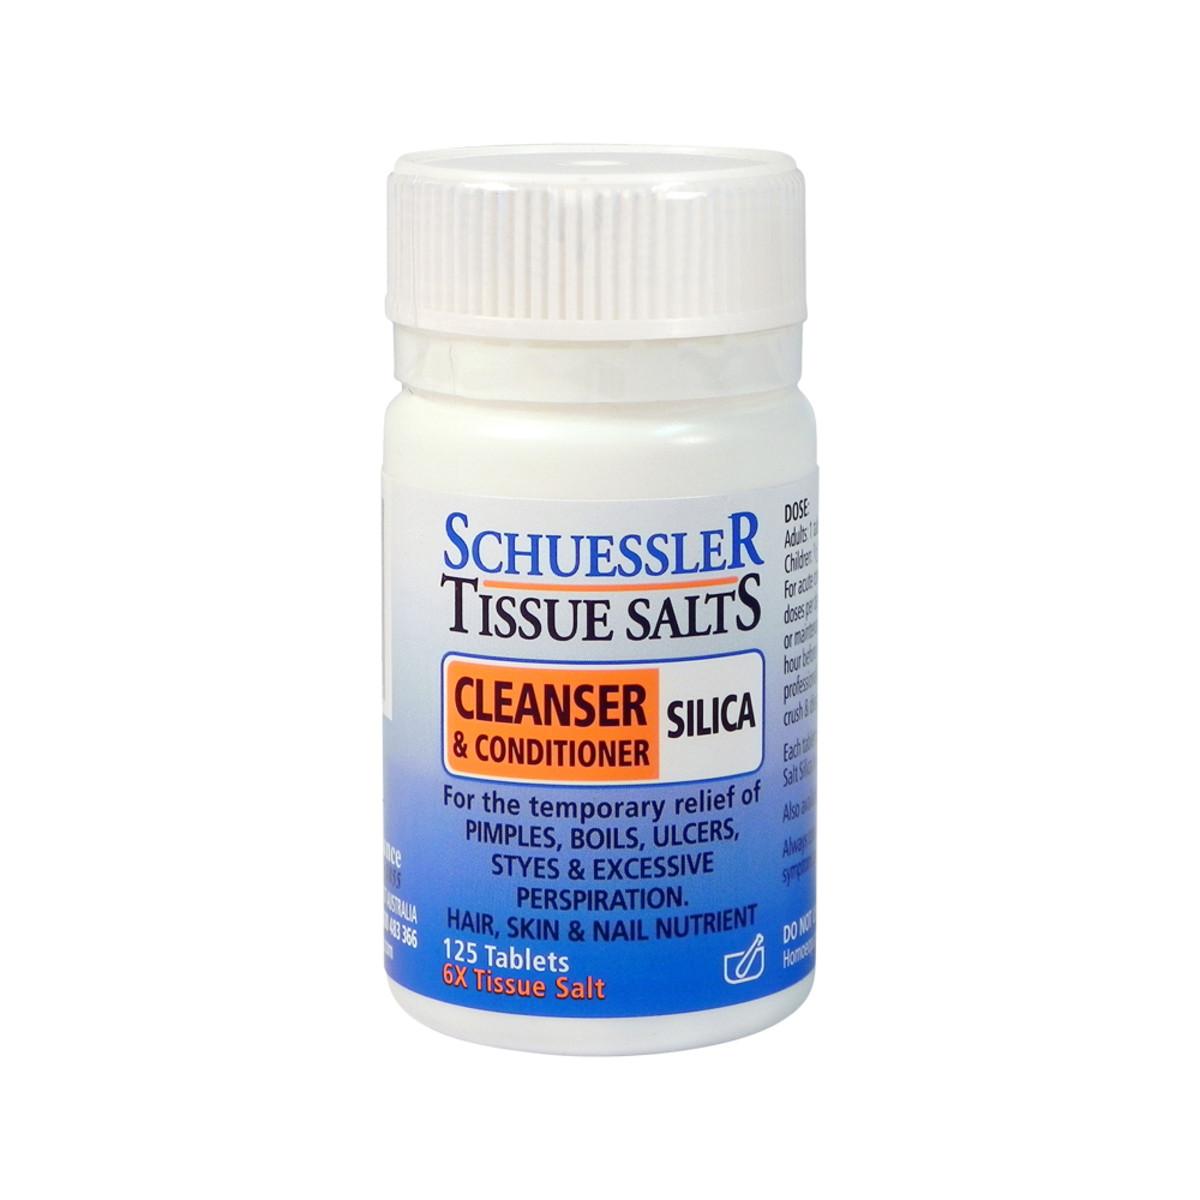 Schuessler Tissue Salts Silica (Cleanser & Conditioner) 125t